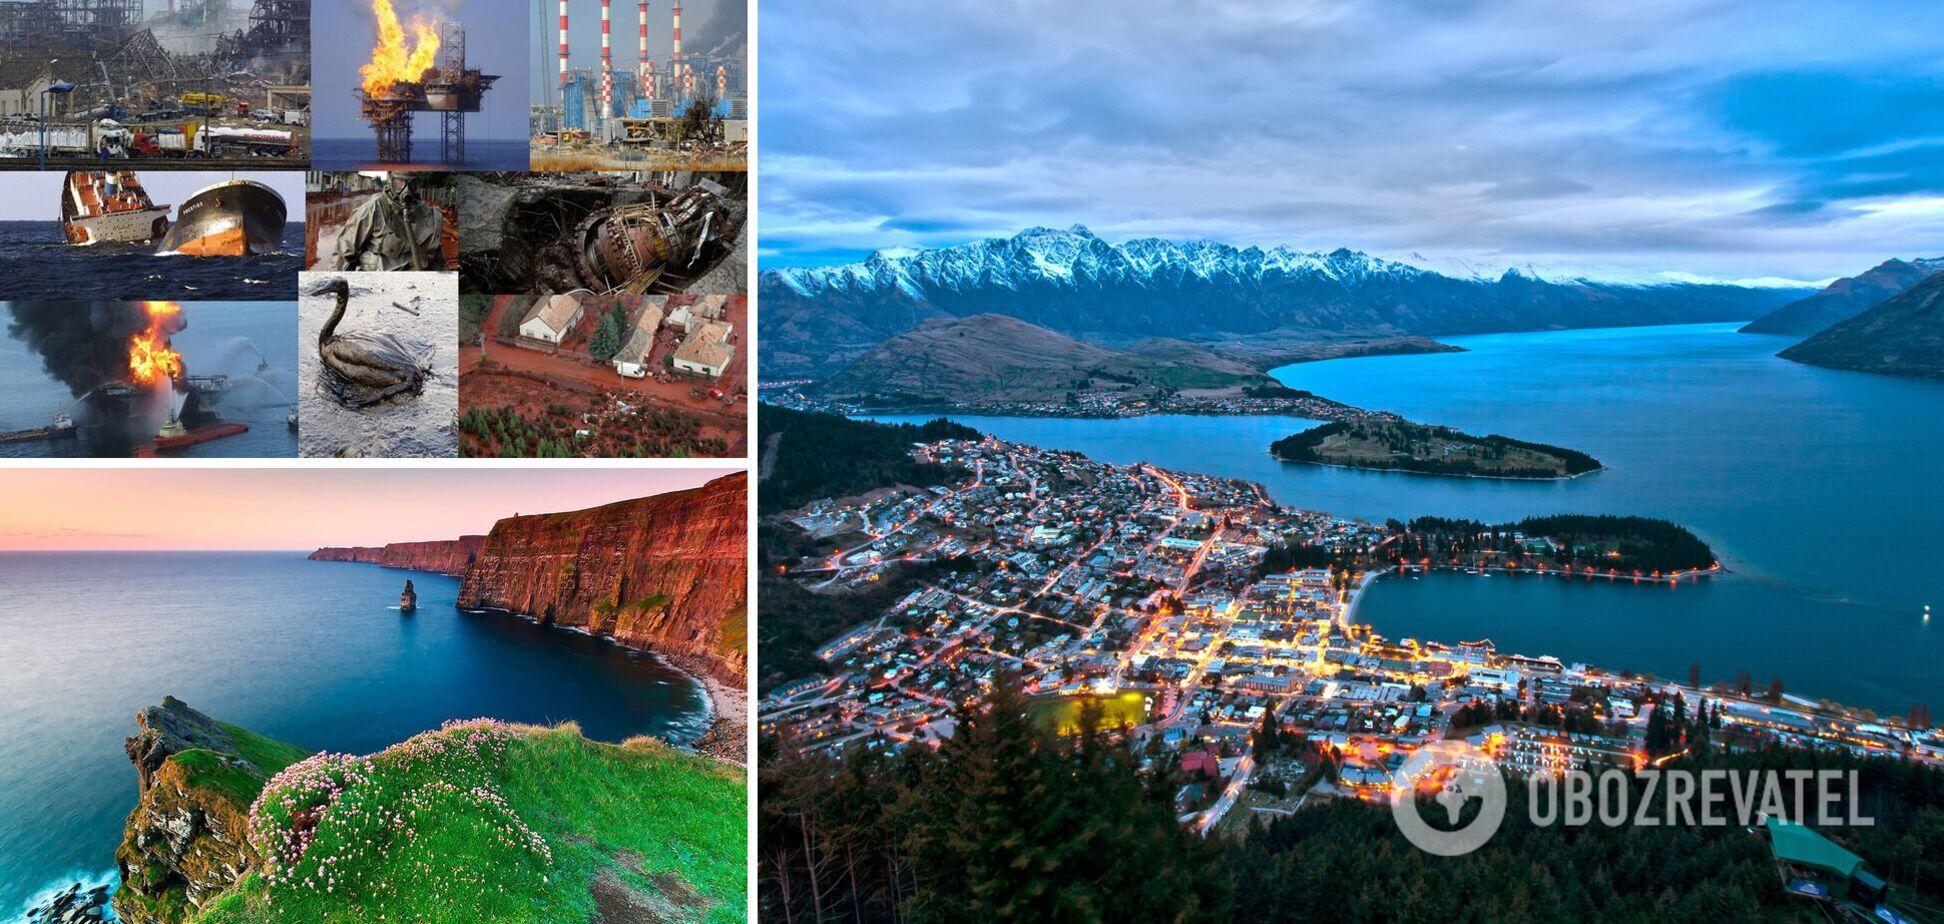 Вчені назвали найкращі місця для виживання на Землі в разі глобального колапсу